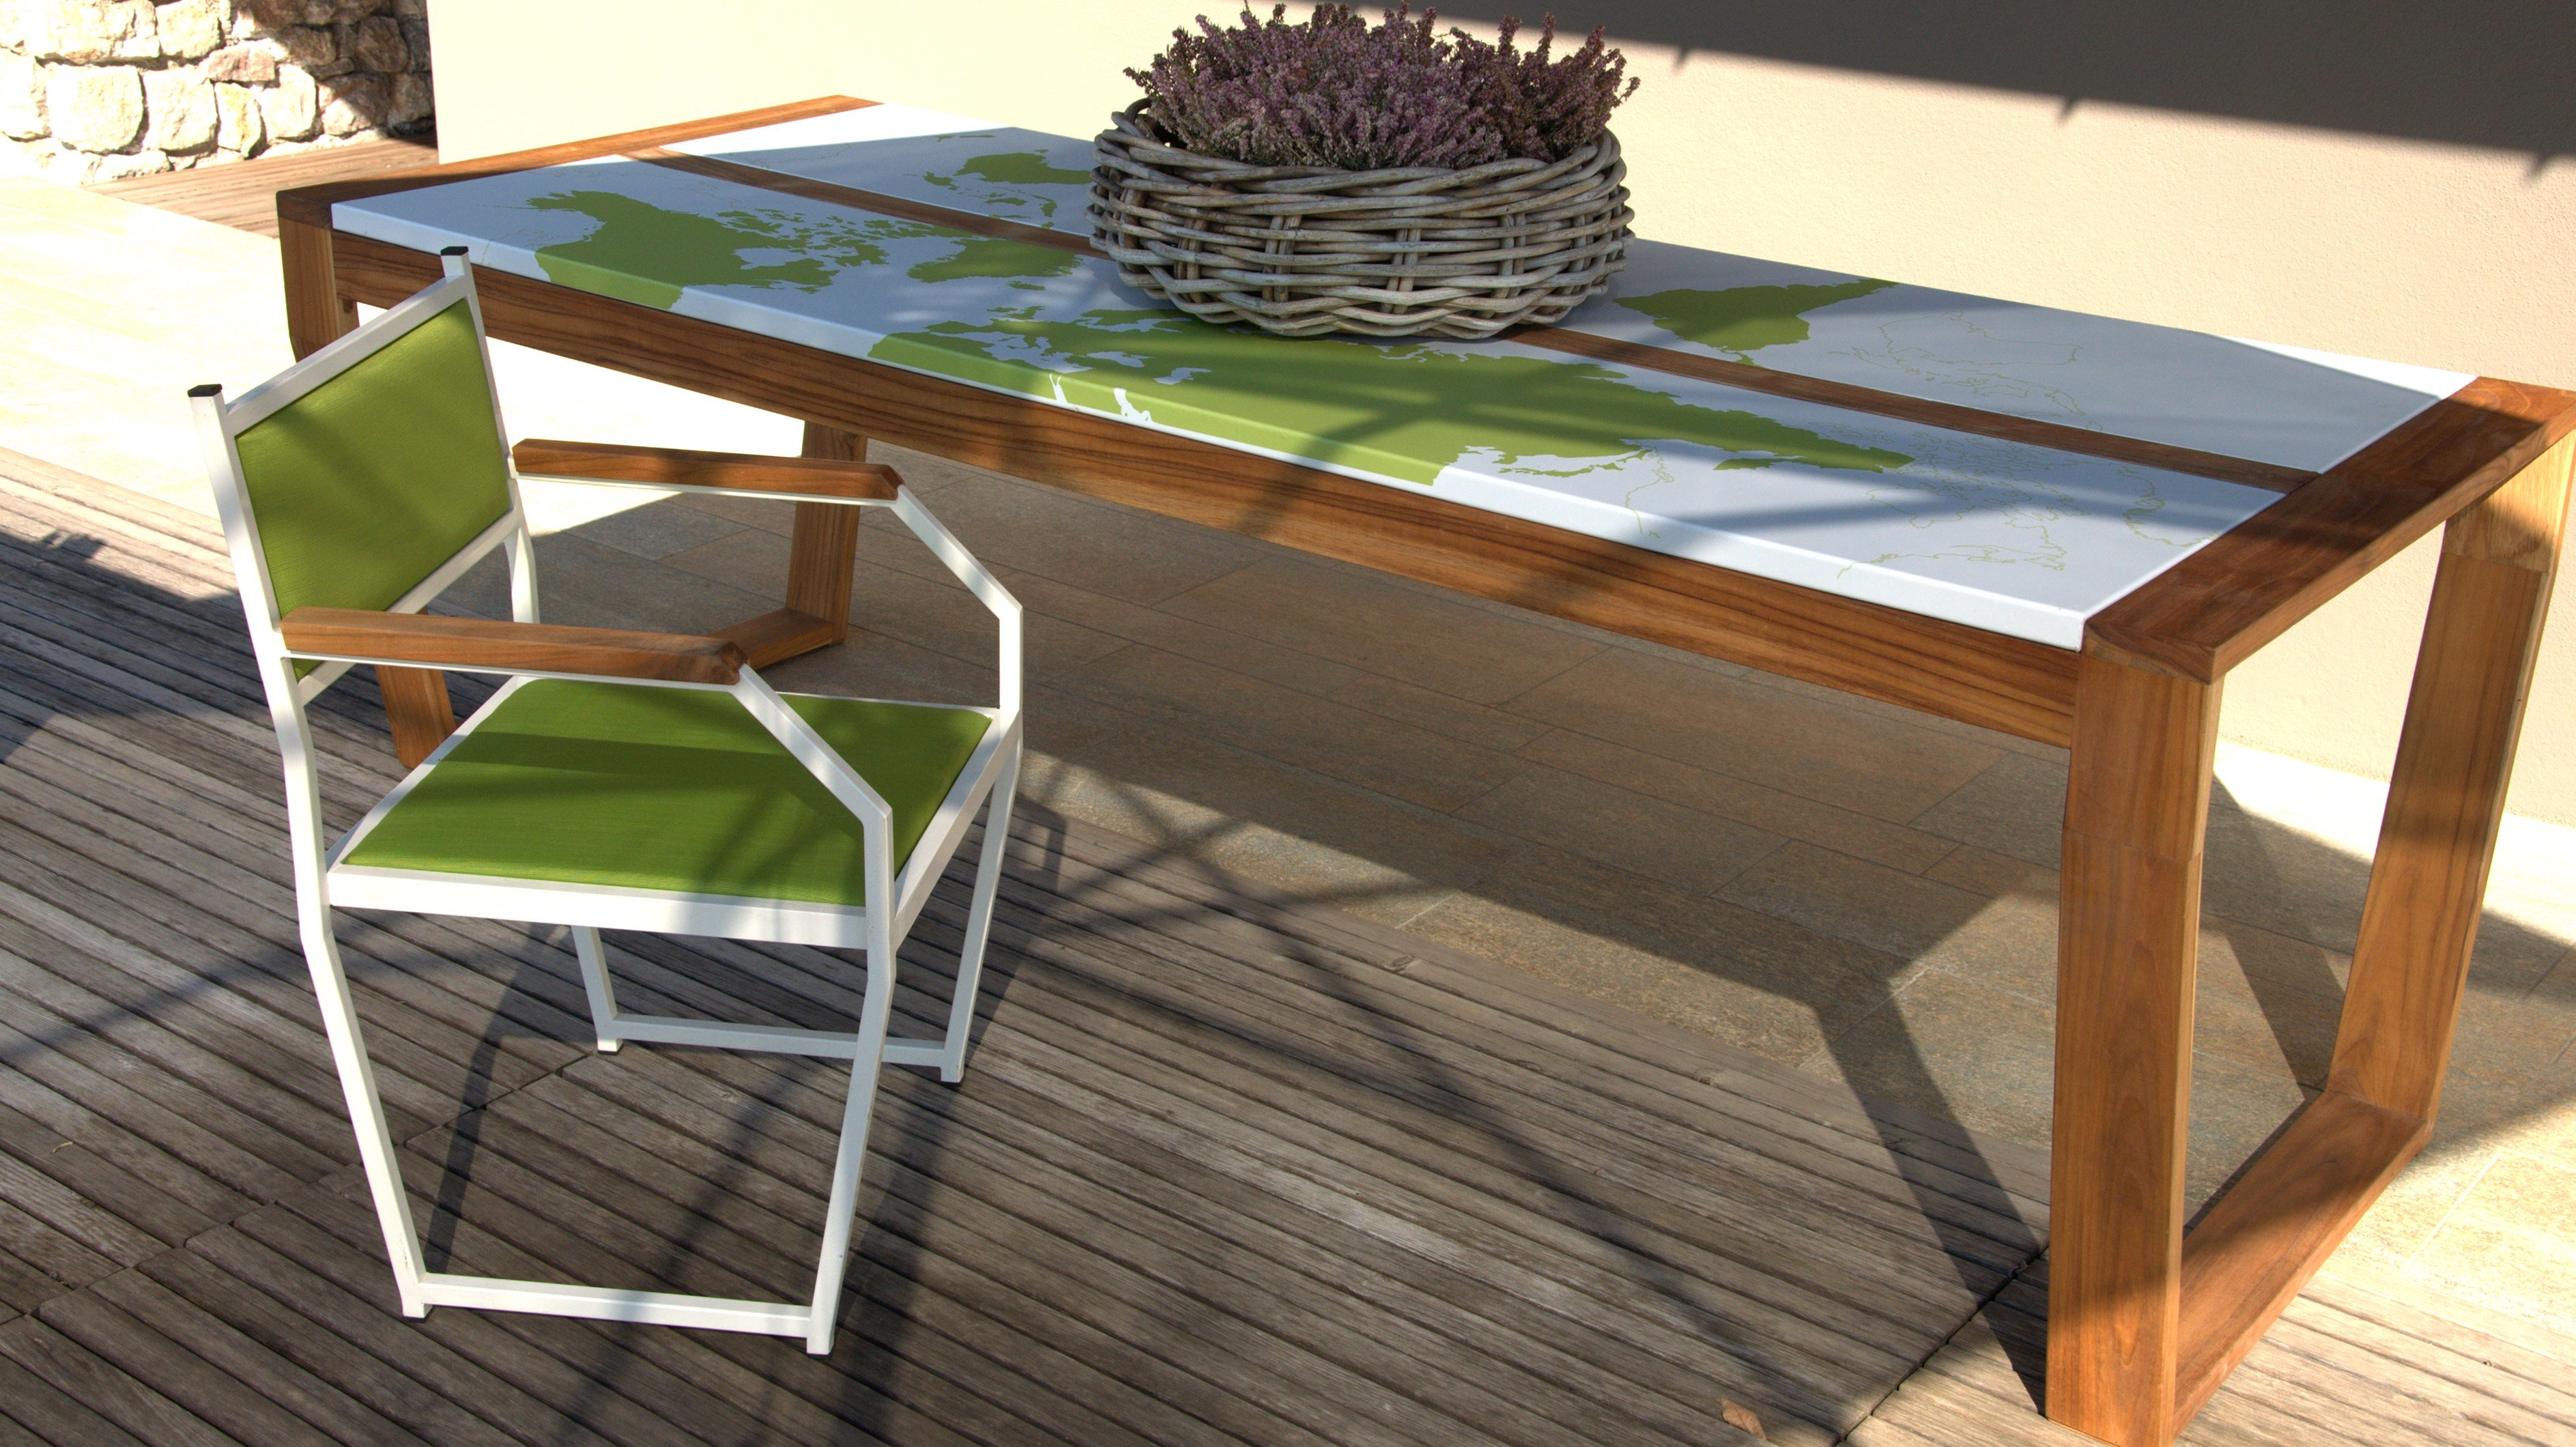 Table de jardin rectangulaire en bois oscar color by lgtek for Table de jardin coloree